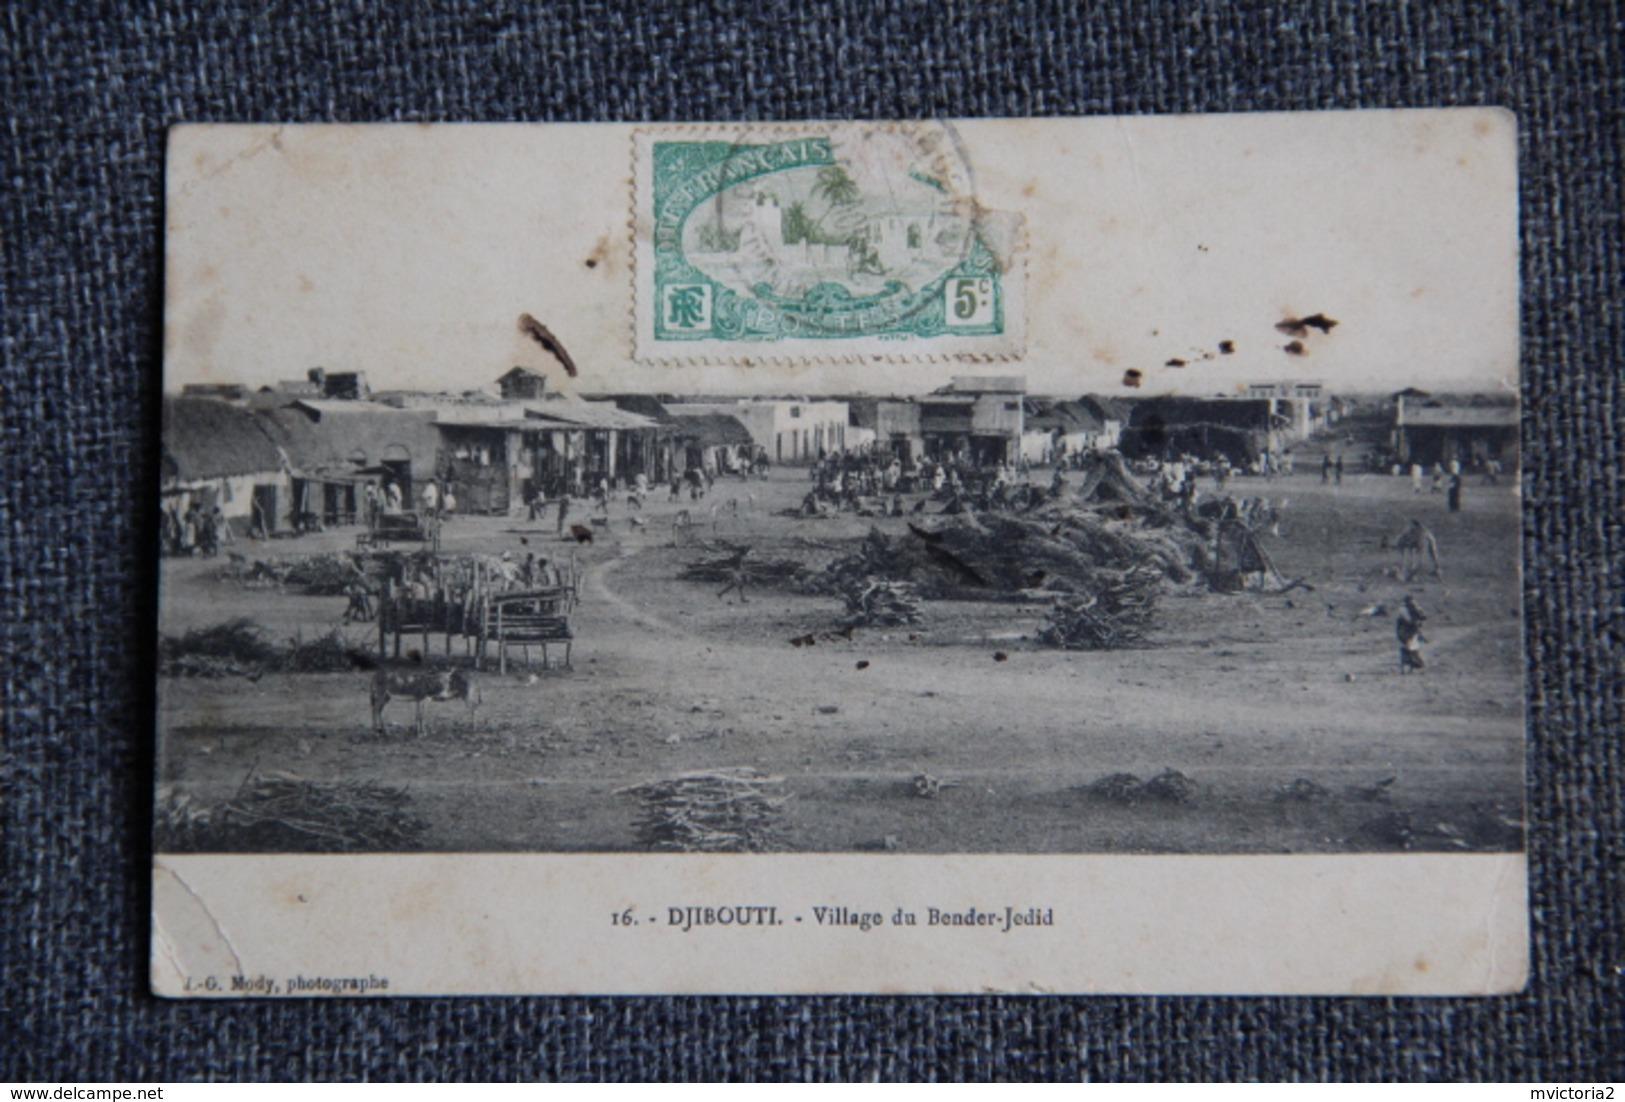 DJIBOUTI - Village Du BENDER JEDID - Djibouti